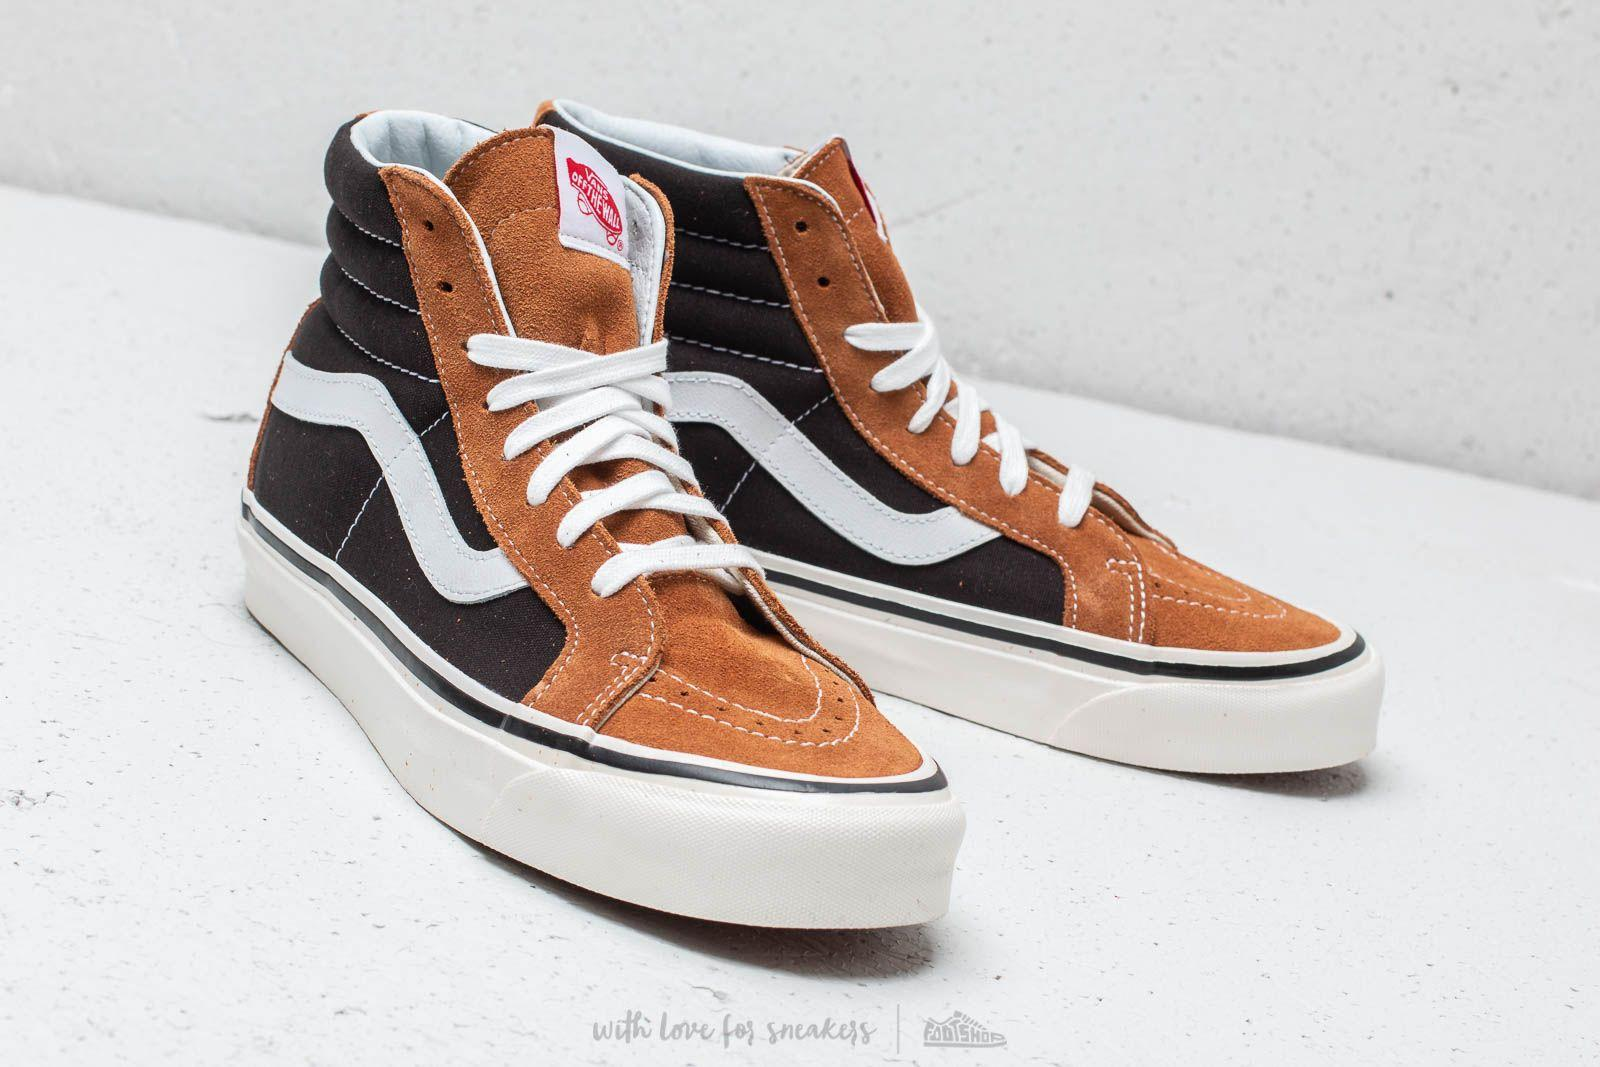 Chaussures Anaheim Factory Sk8 hi 3 38 Dx